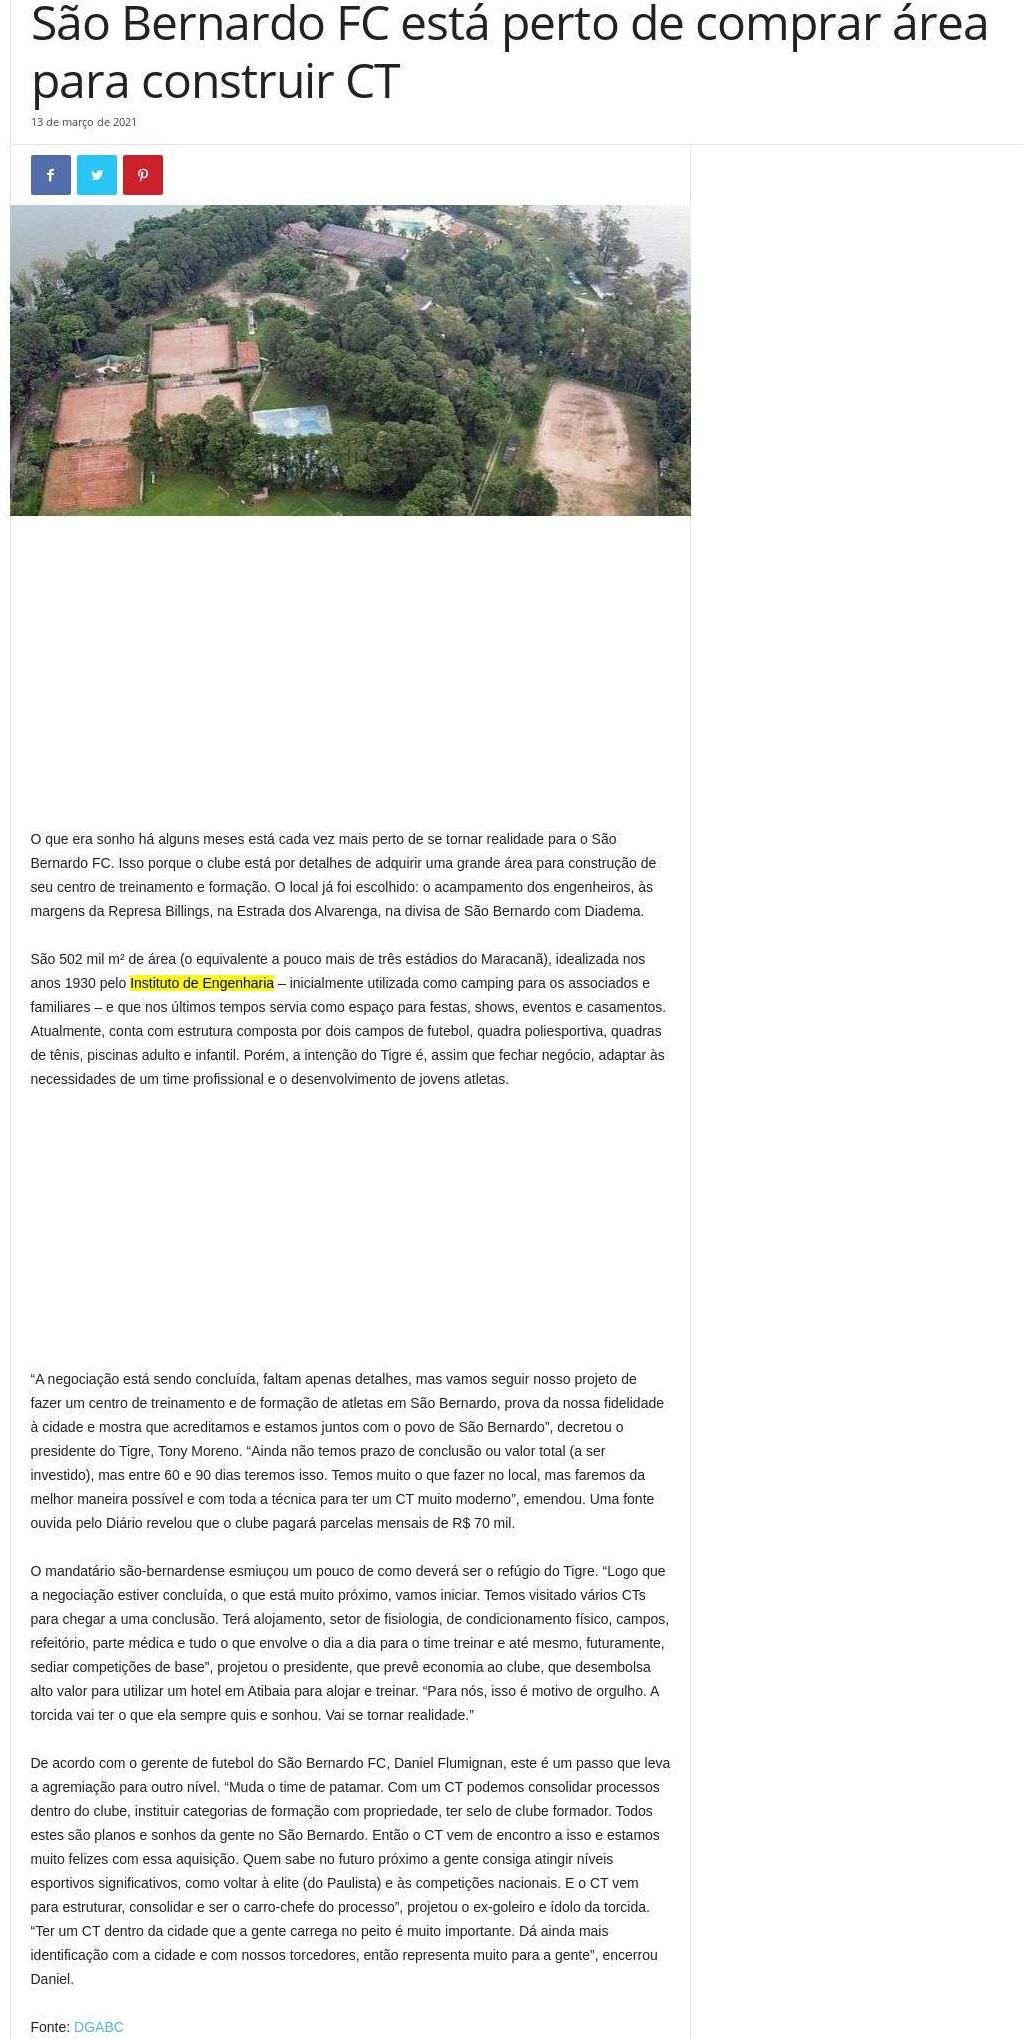 São Bernardo FC está perto de comprar área para construir CT - TV Mais ABC